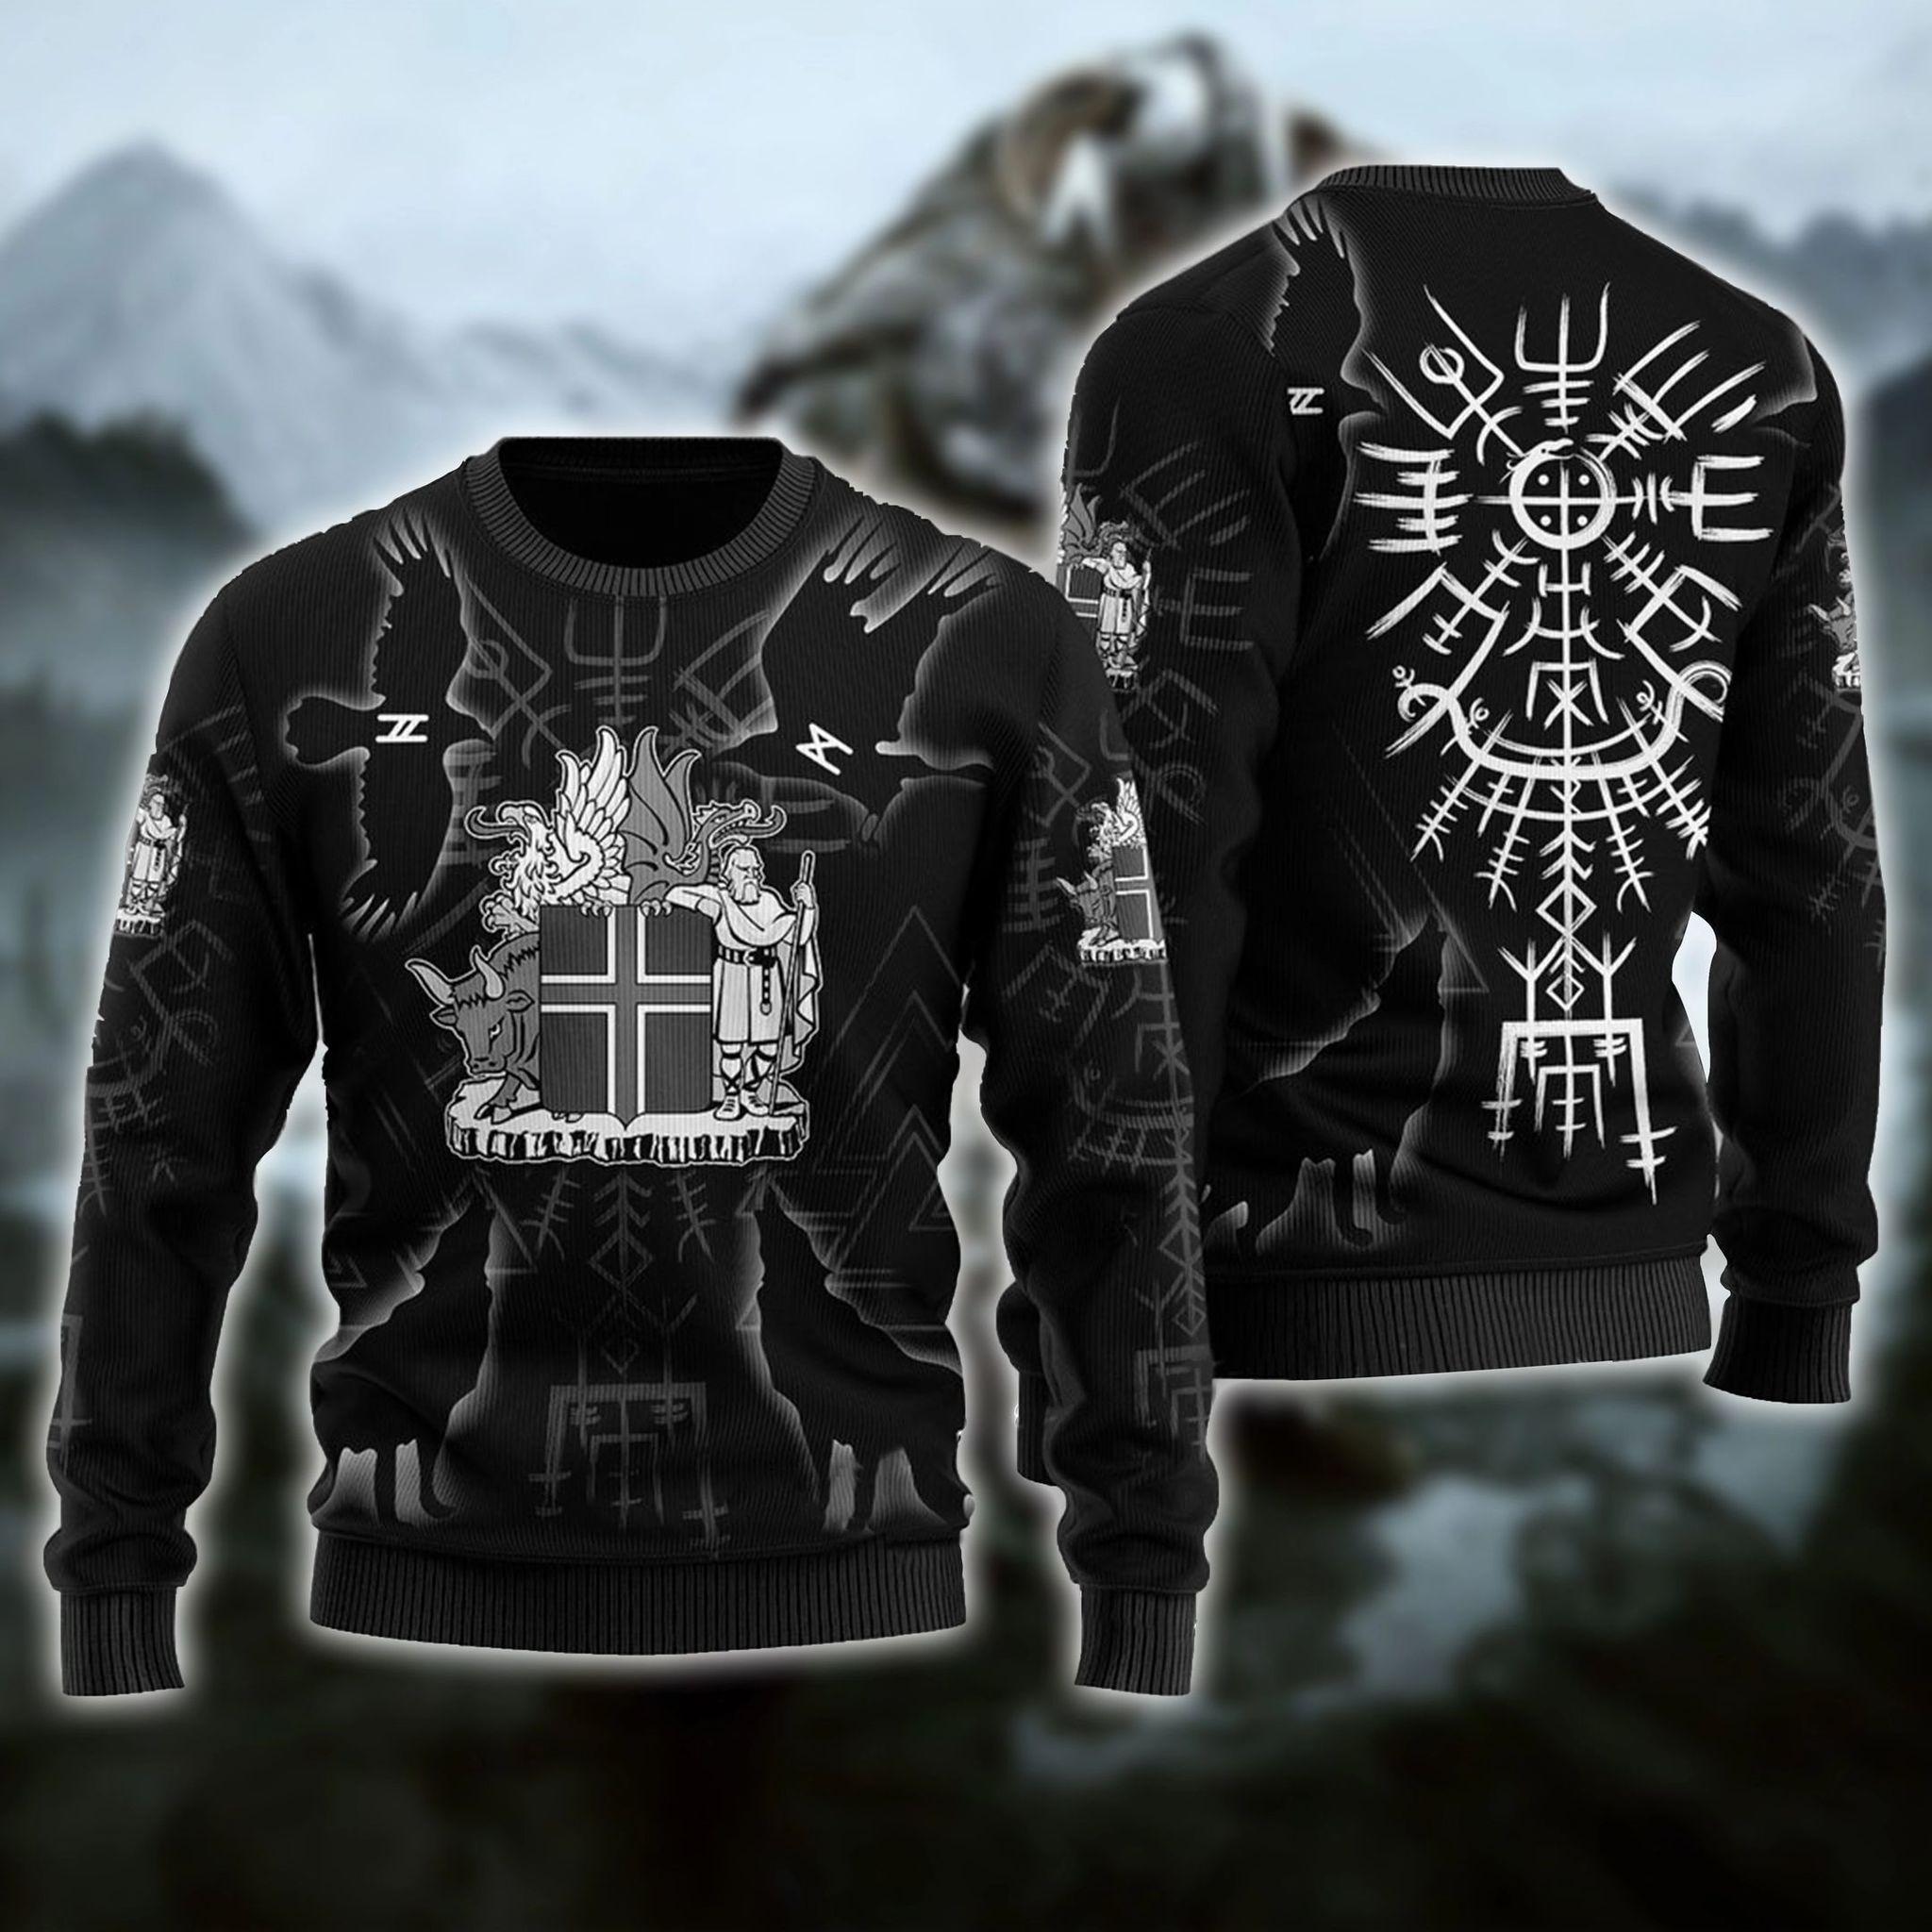 Viking Symbols Ugly Christmas Black Sweater